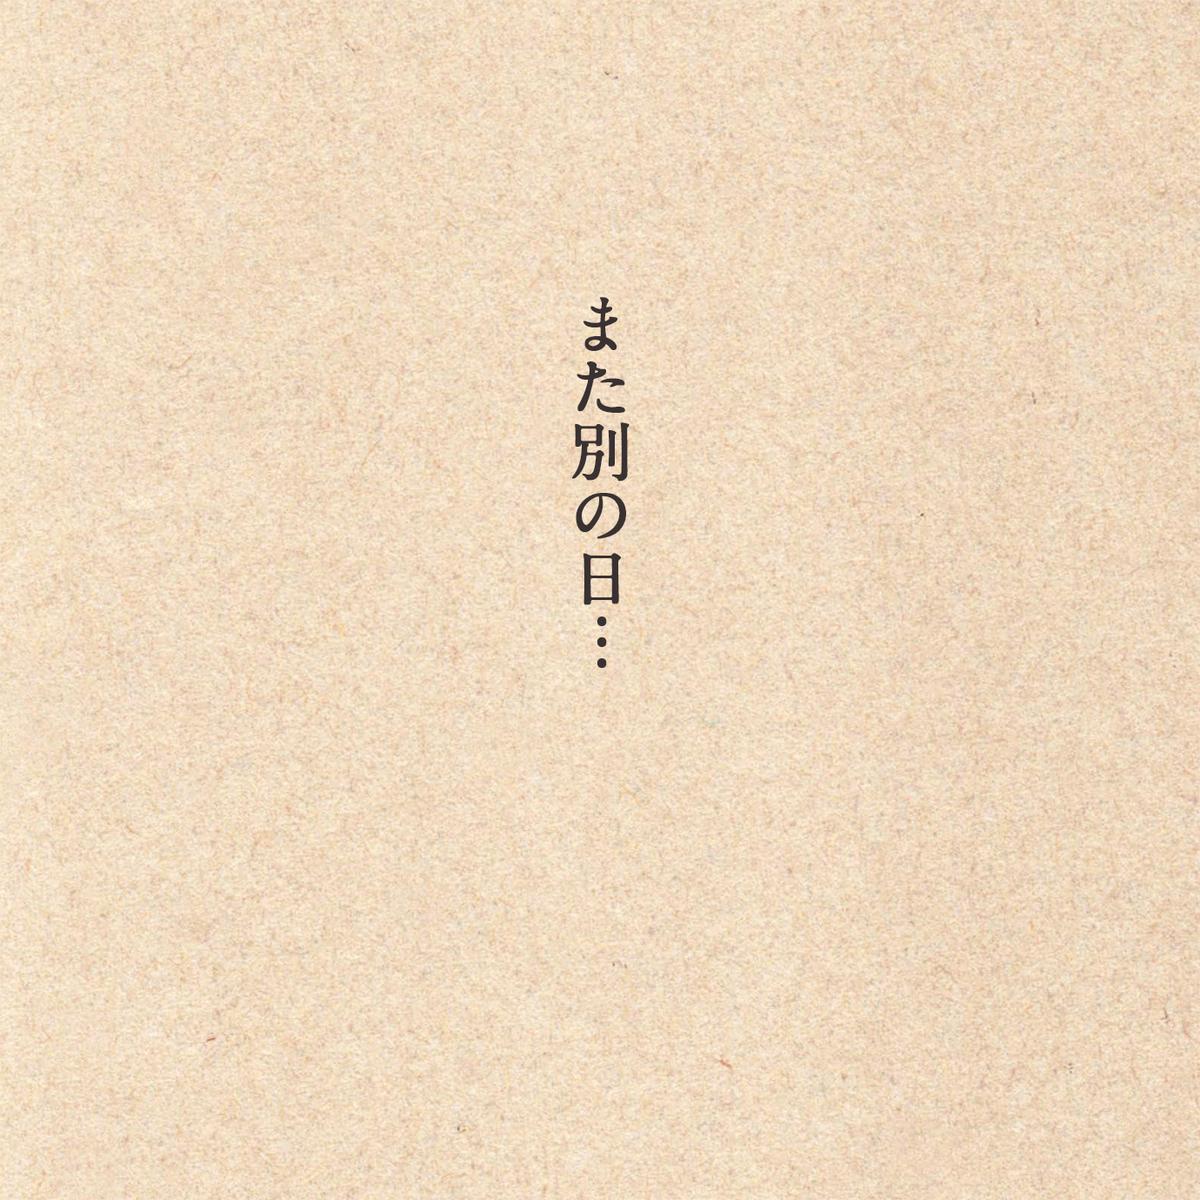 f:id:gintetutomi:20190911121715j:plain